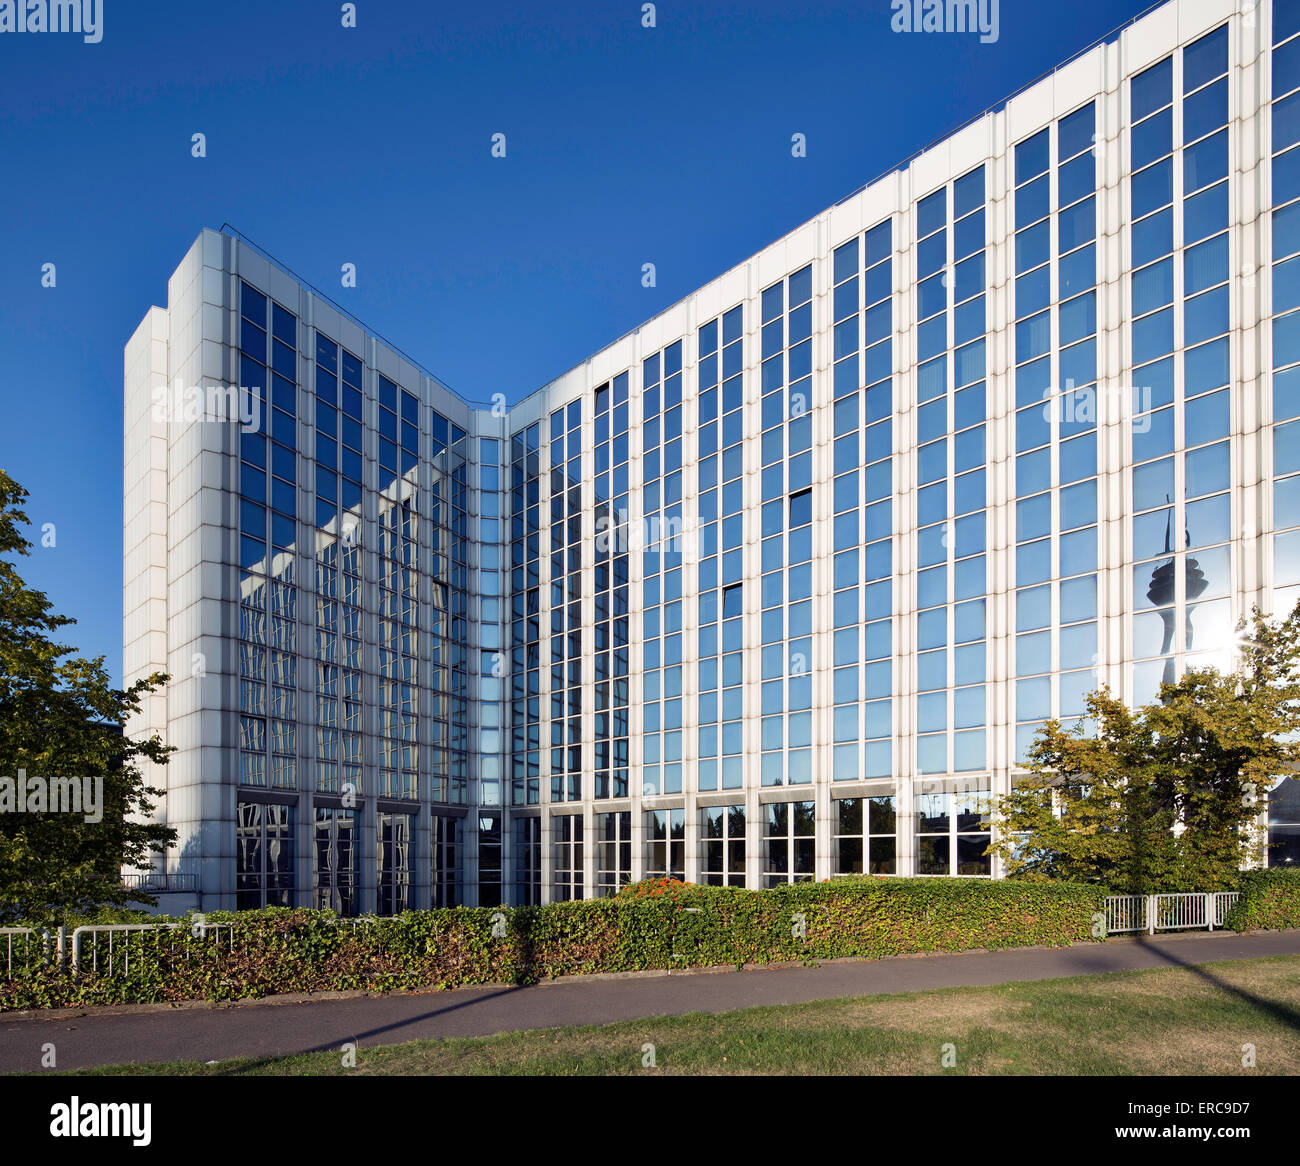 Ministero degli Affari Interni e problemi urbani NRW, Düsseldorf, Renania, Renania settentrionale-Vestfalia, Immagini Stock